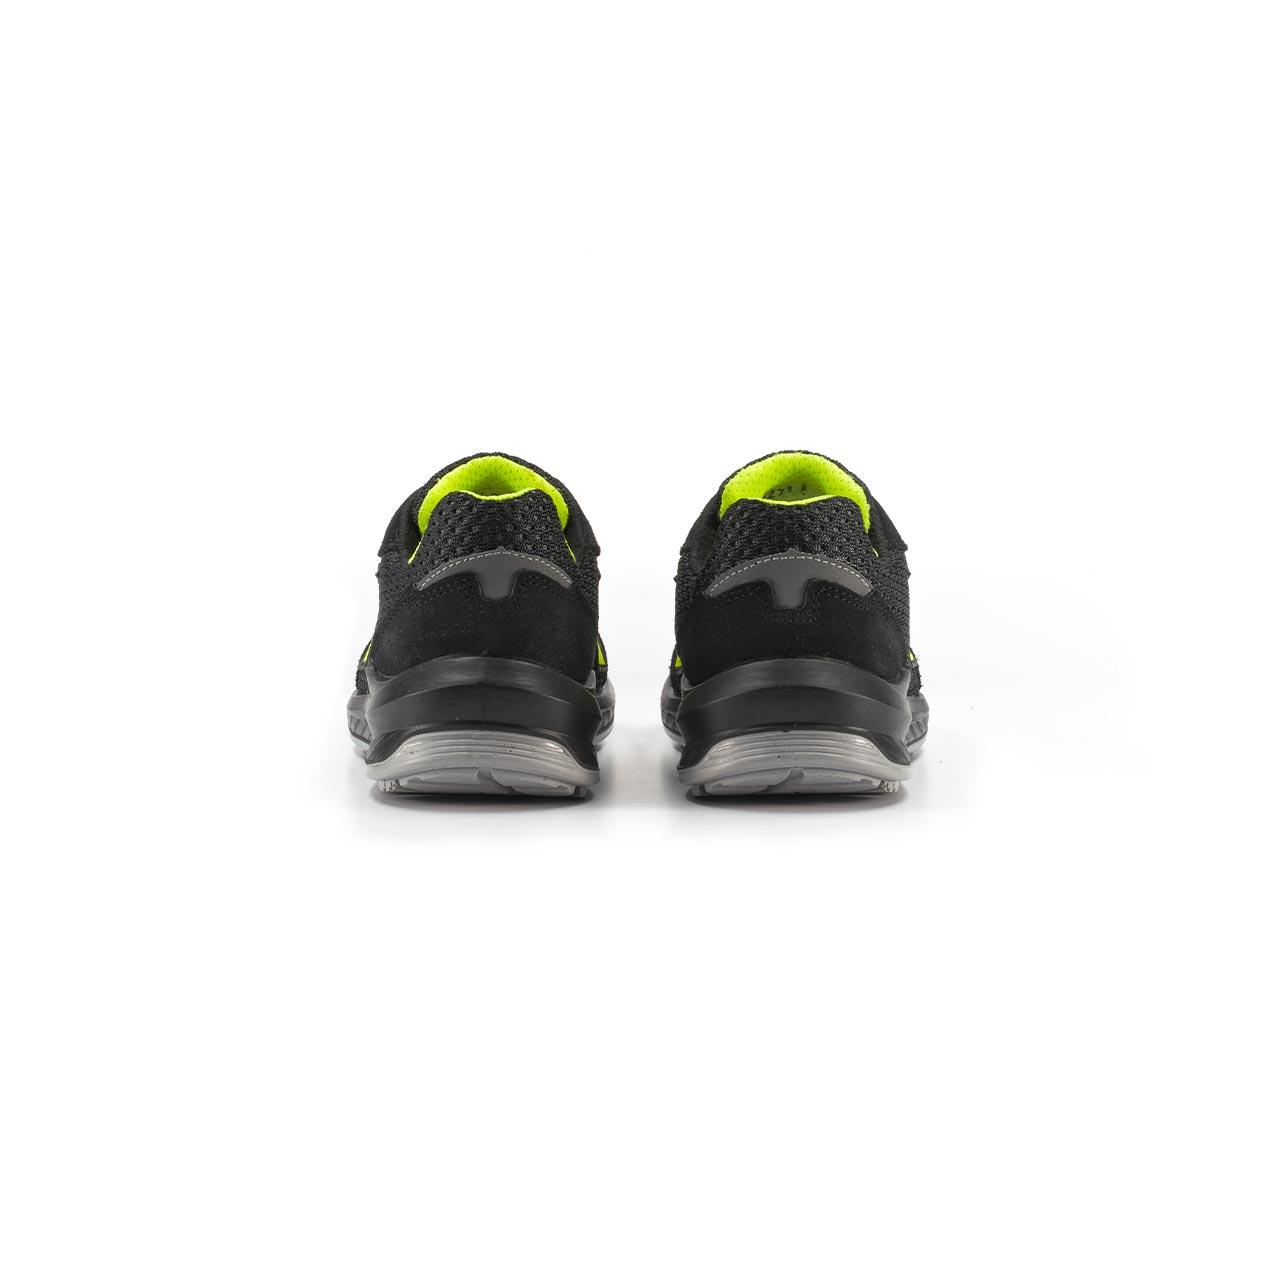 paio di scarpe antinfortunistiche upower modello marsiglia linea redindustry vista retro